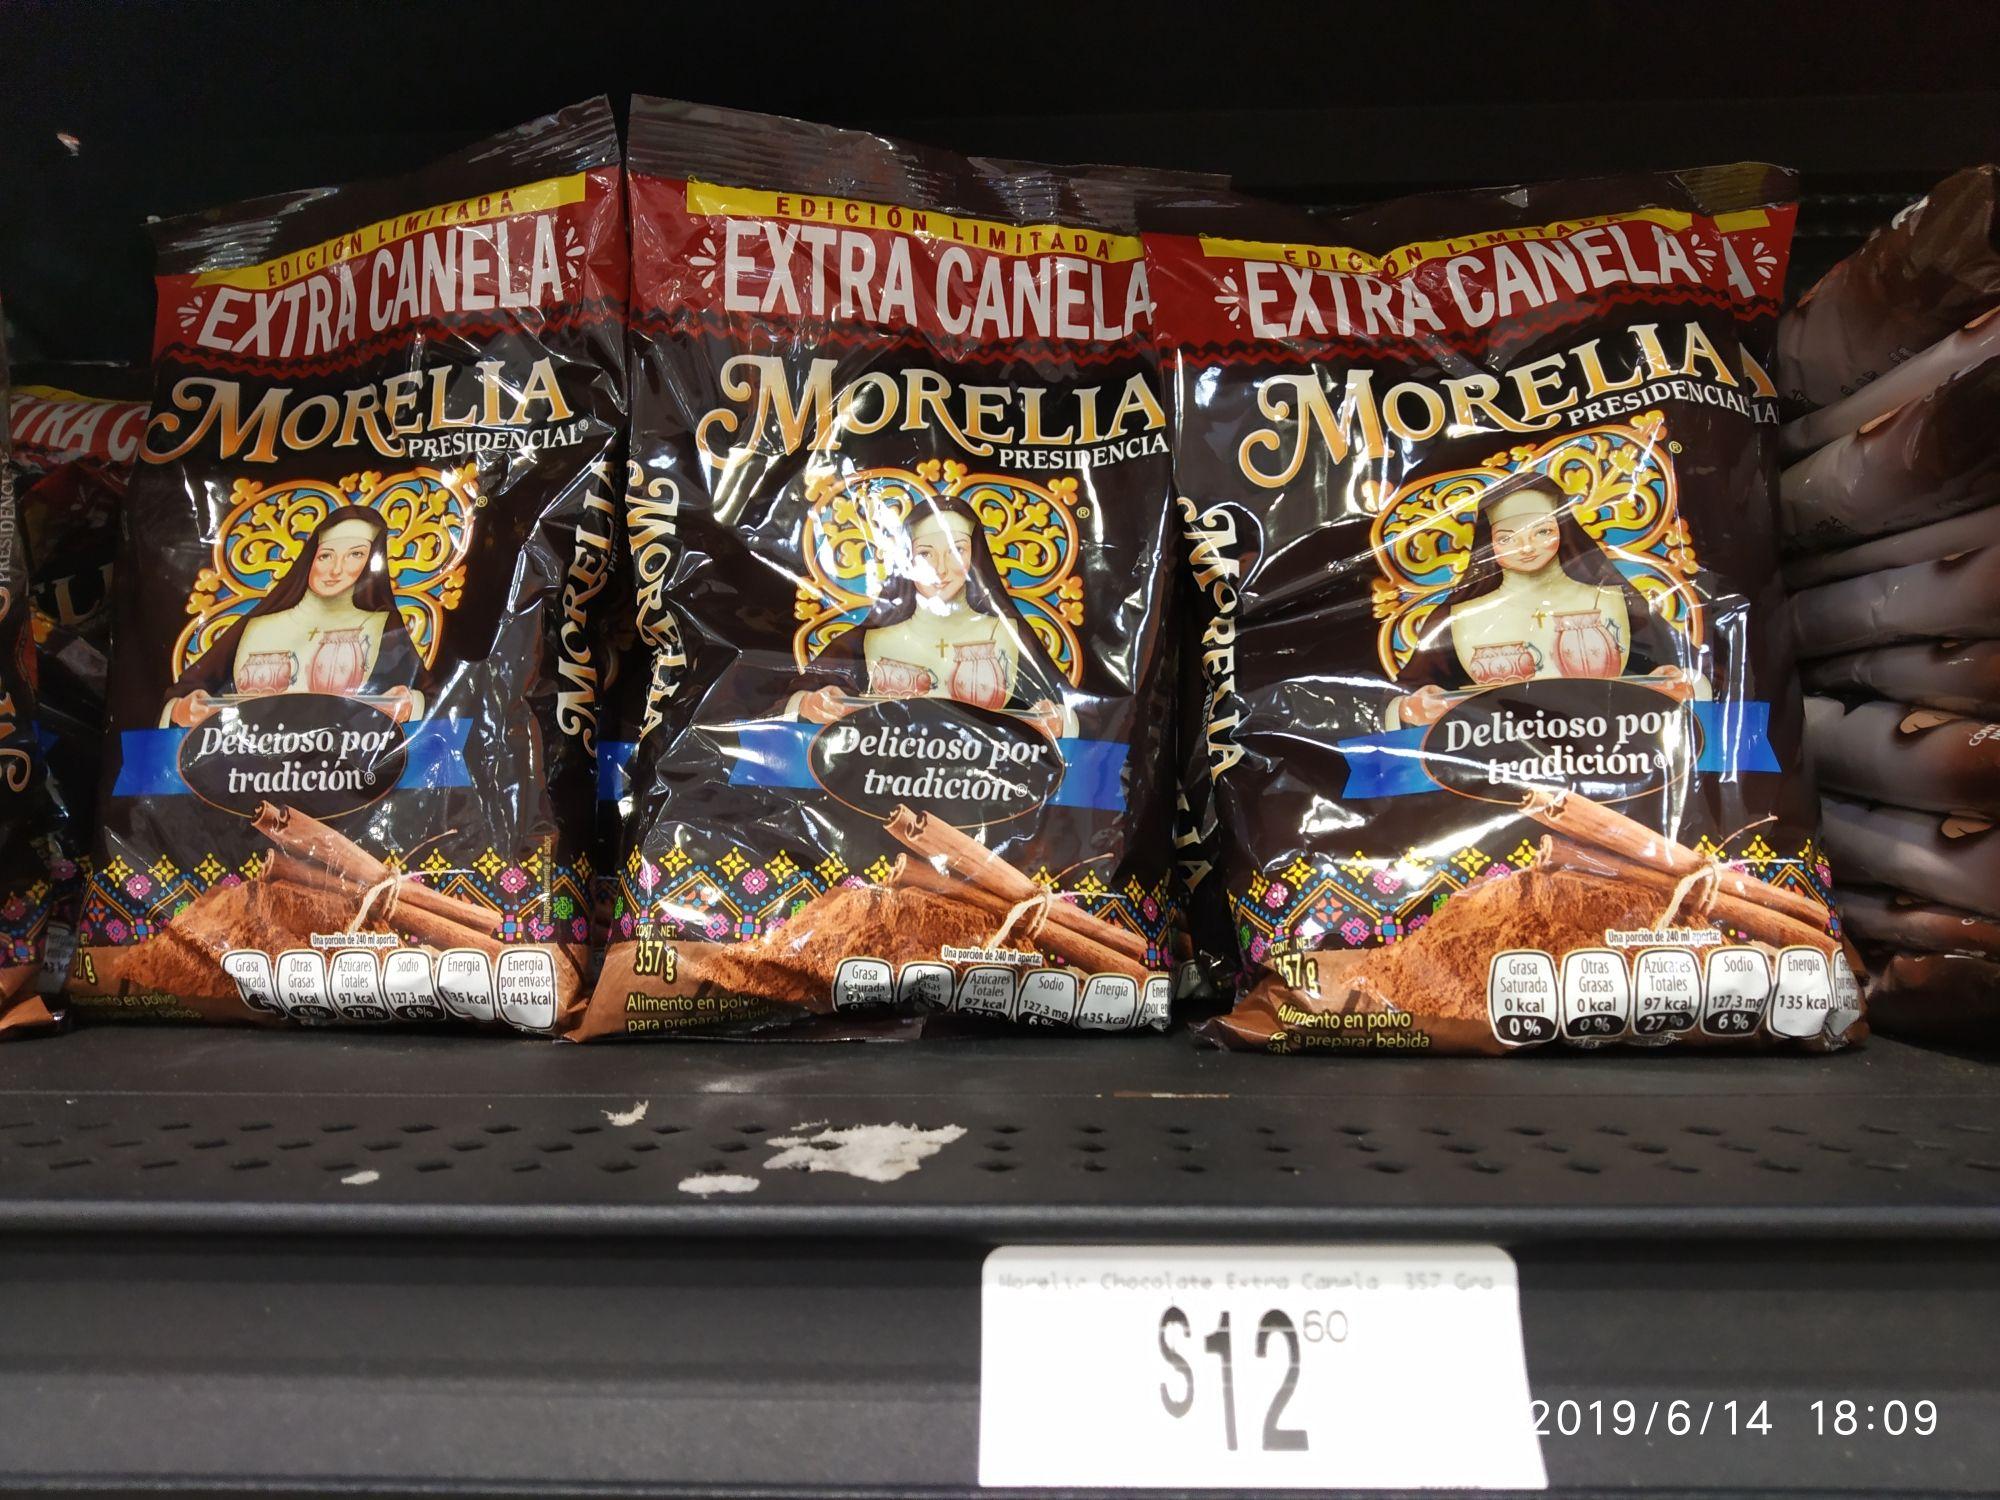 Chedraui: Saborizante de chocolate Morelia extracanela